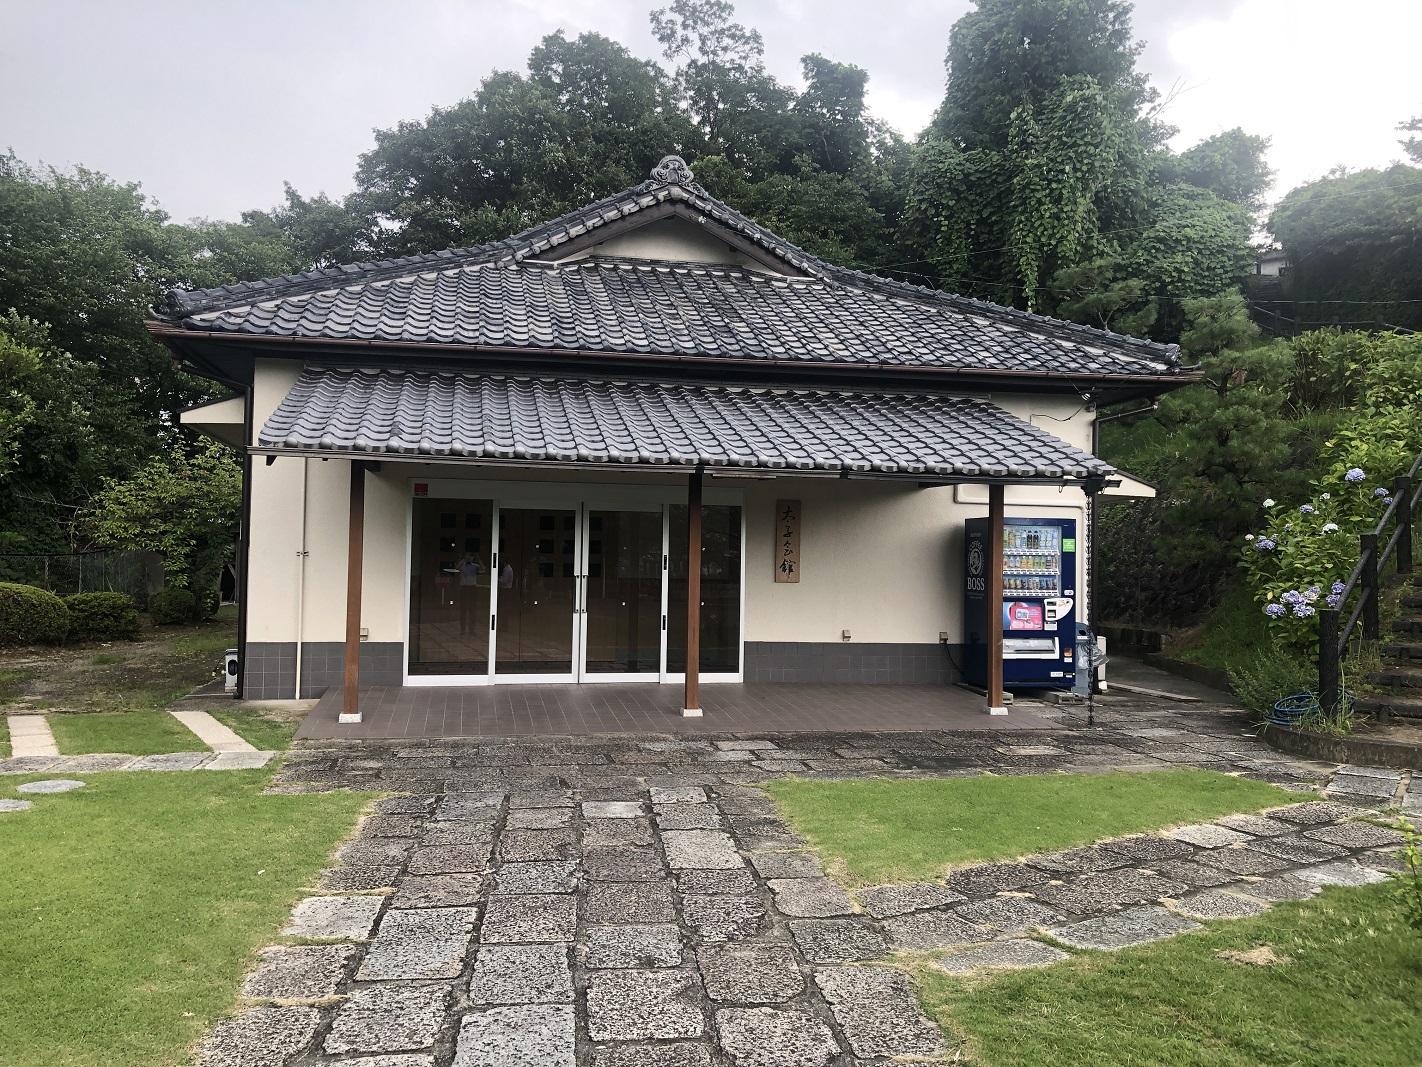 西法寺 まんだらぼう (奈良県奈良市)